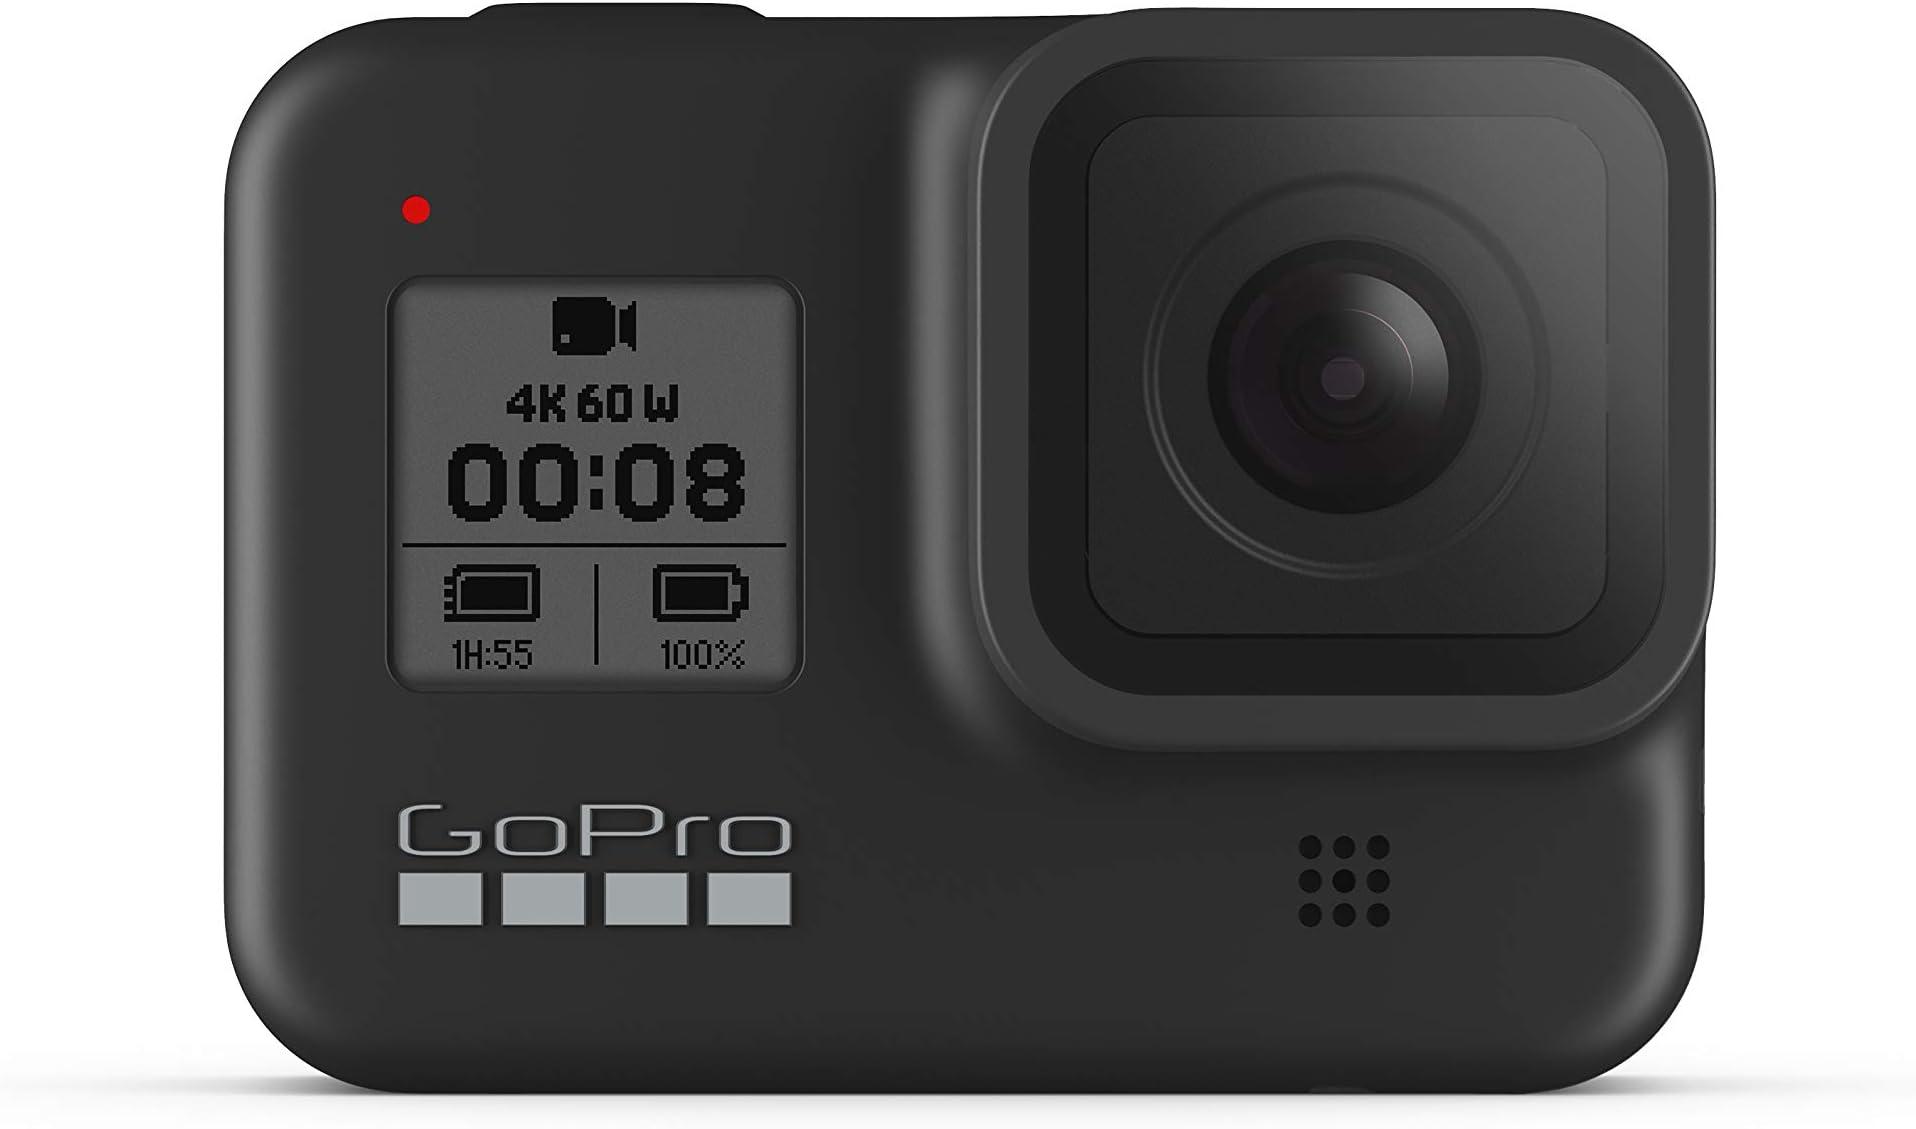 GoPro HERO8 Black 4K Waterproof Action Camera - Black (Renewed)